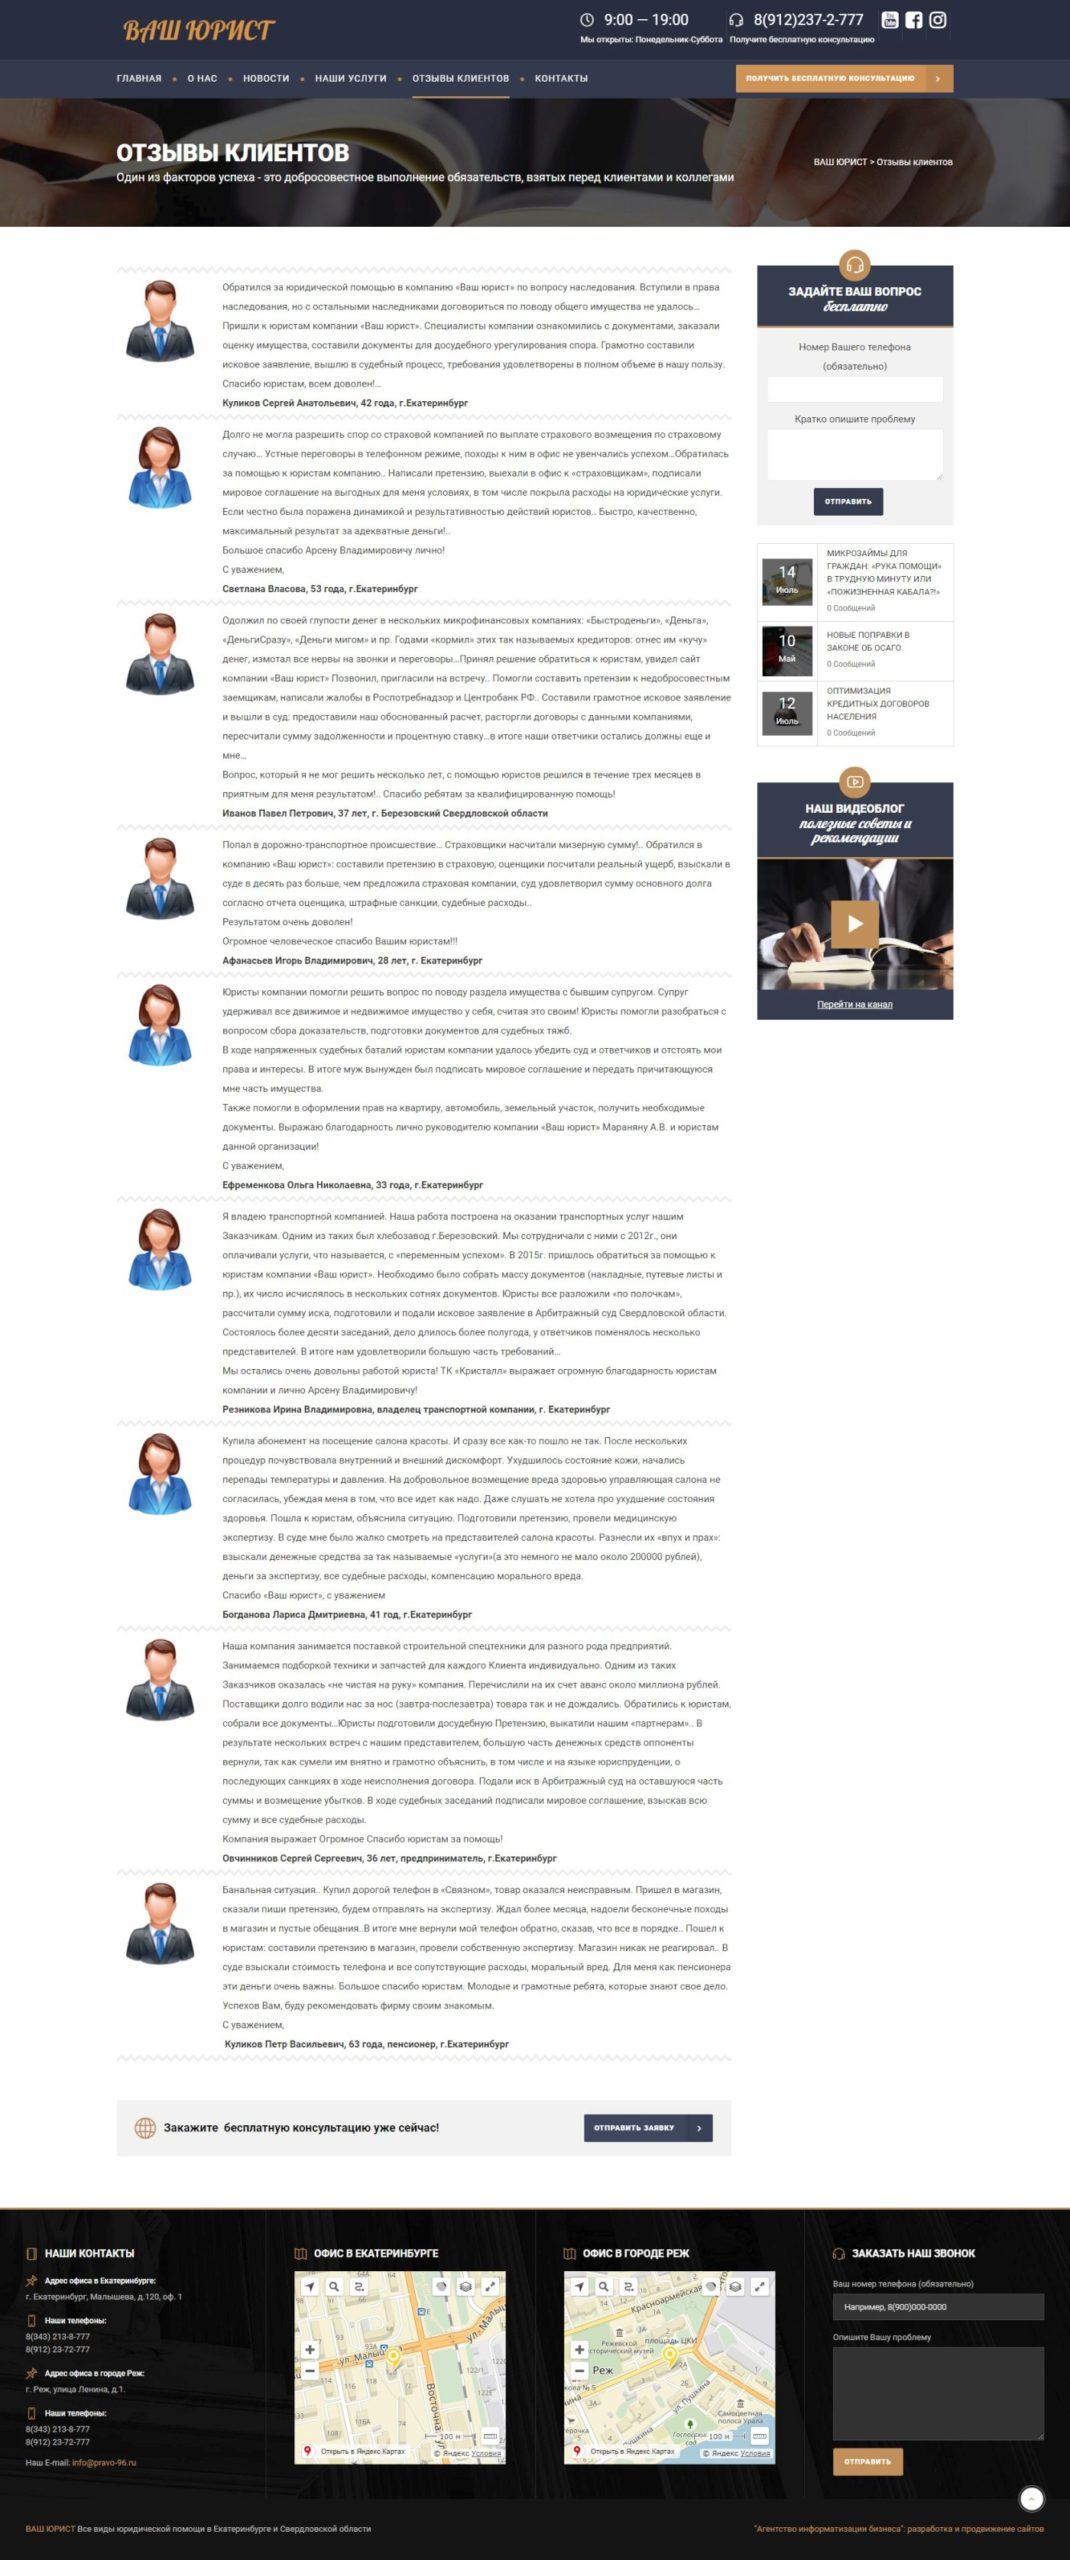 Otzyvy-nashih-klientov